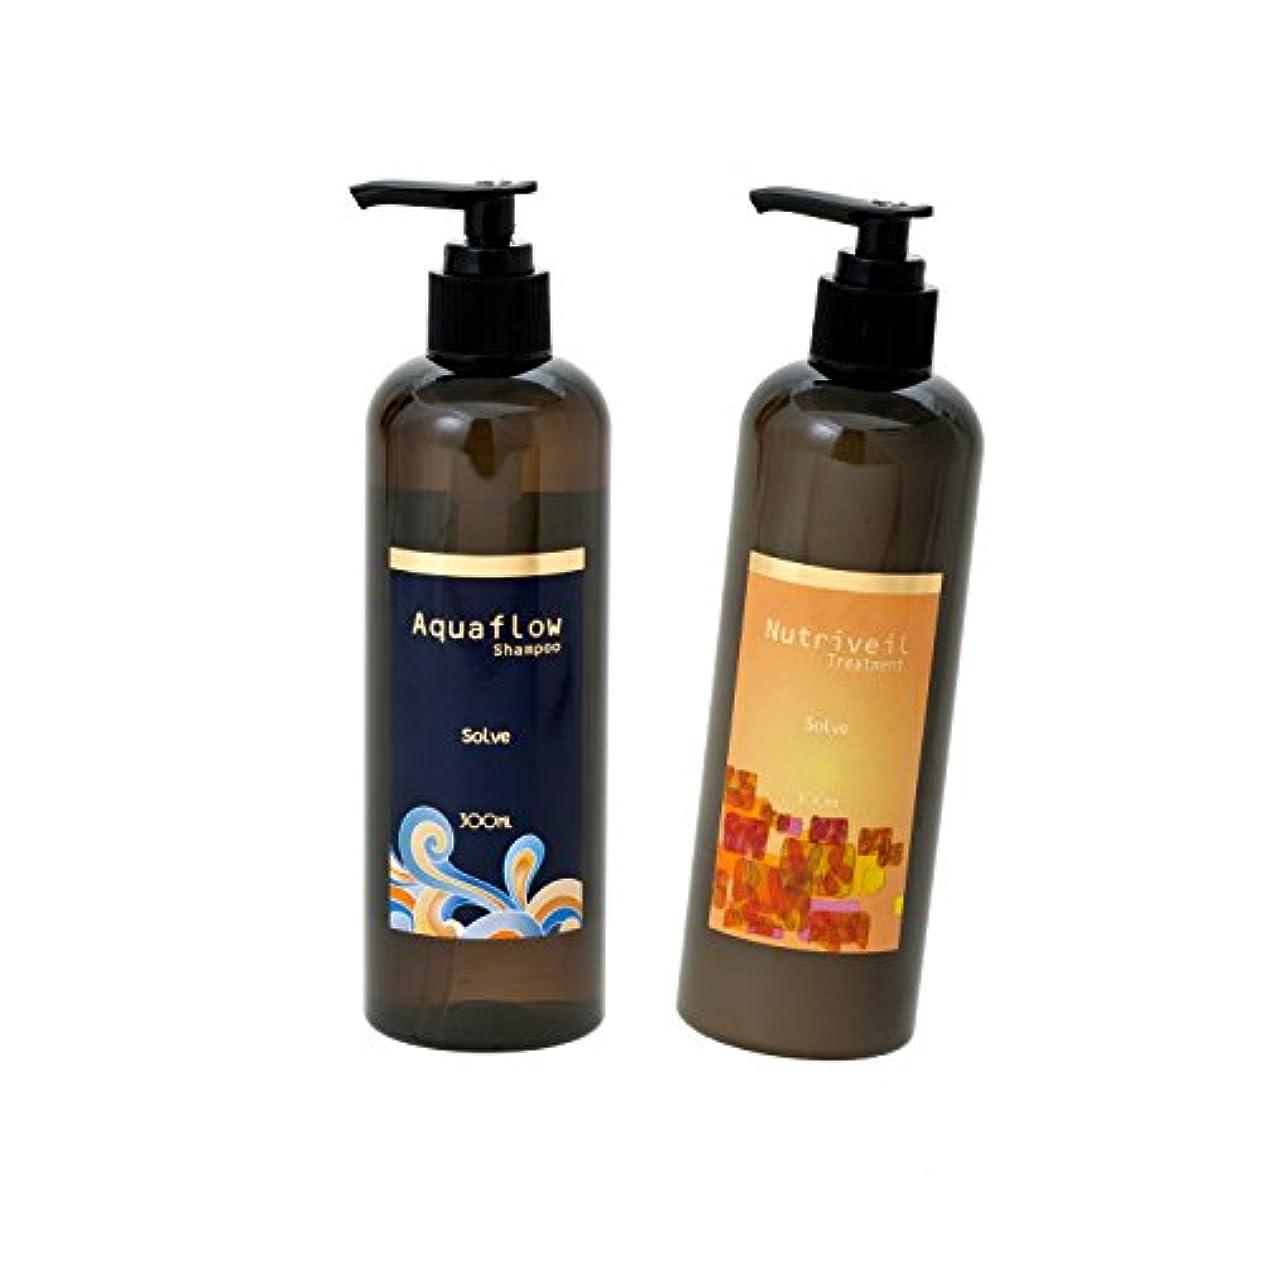 周術期考えるジャニス縮毛矯正した髪を栄養そのもので洗うsolve|ソルブシャンプー「Aquaflow_アクアフロー」ソルブトリートメント「Nutriveil_ニュートリヴェール」セット|カラーの繰り返しで大きくダメージした髪のケアにも。 (300ml_set)